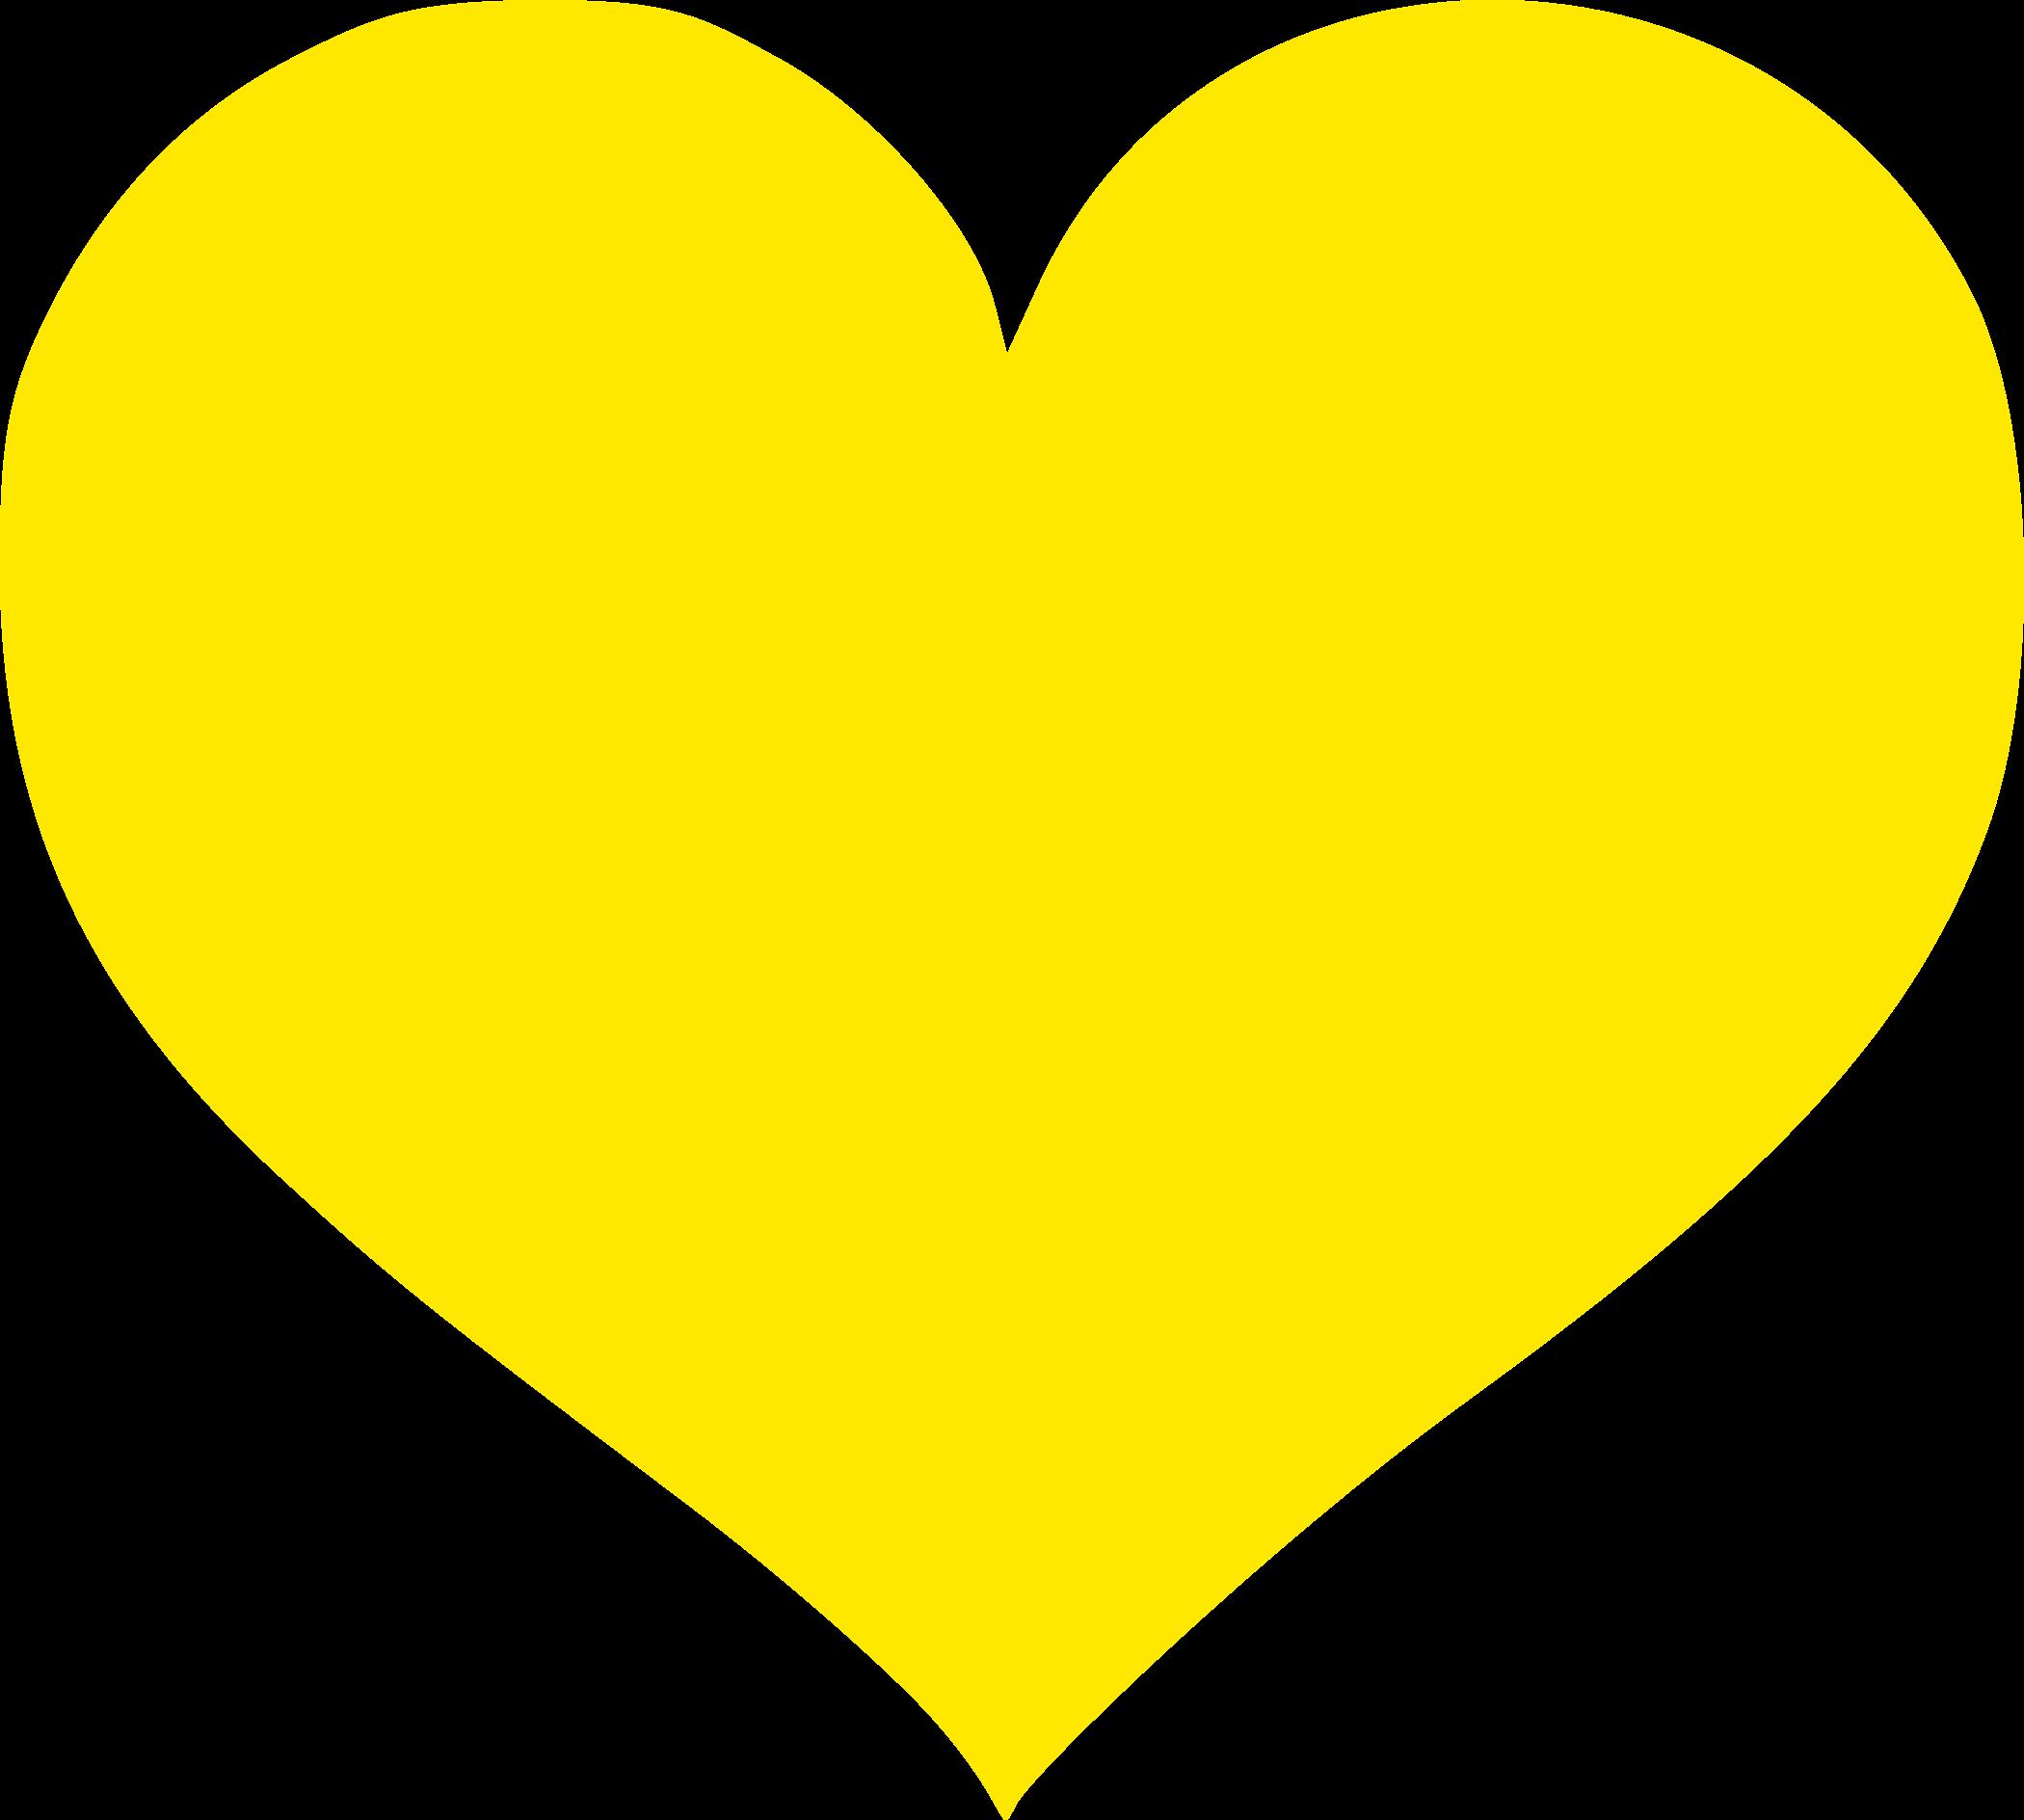 coracao-amarelo-1